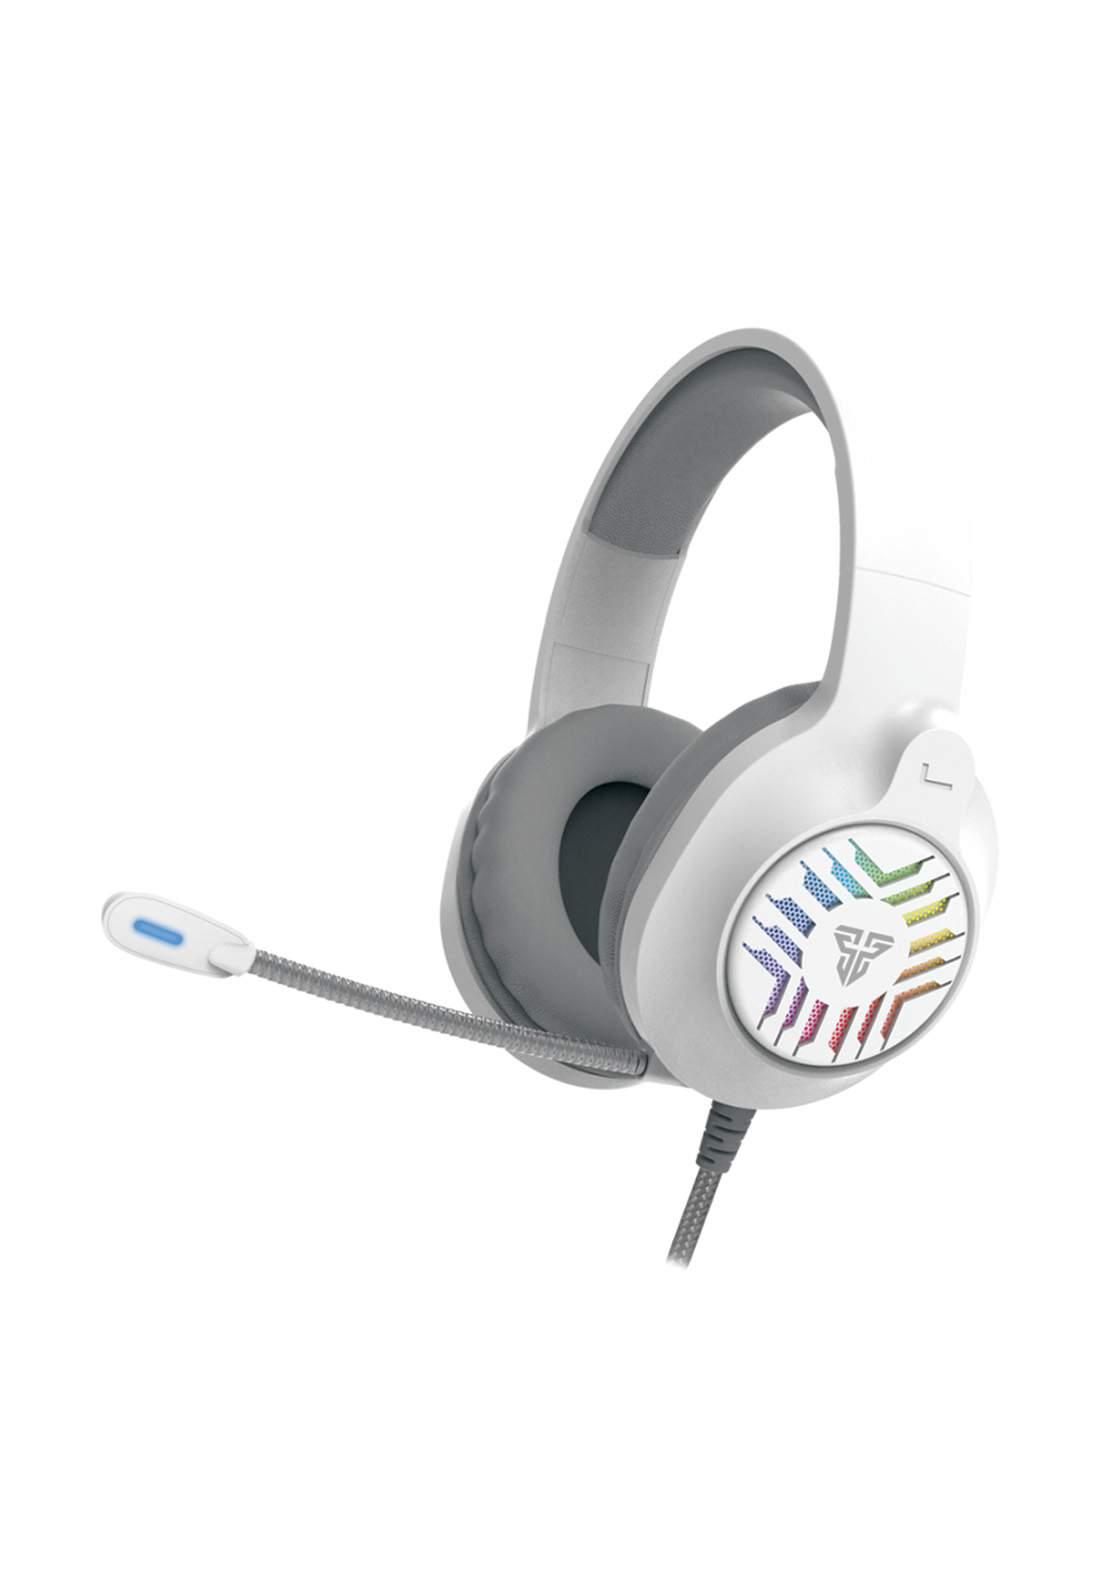 Fantech MH87 BLITZ Gaming Headphones - White سماعة